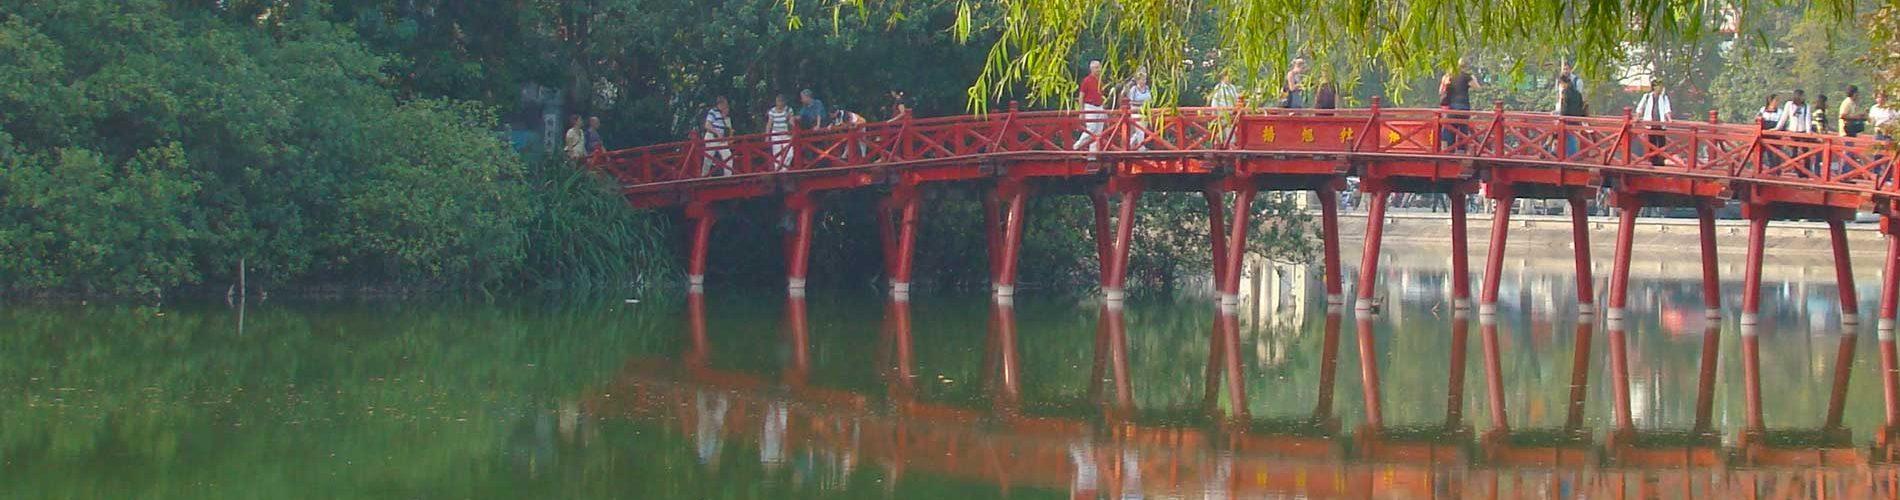 Hanoi-bridge-header